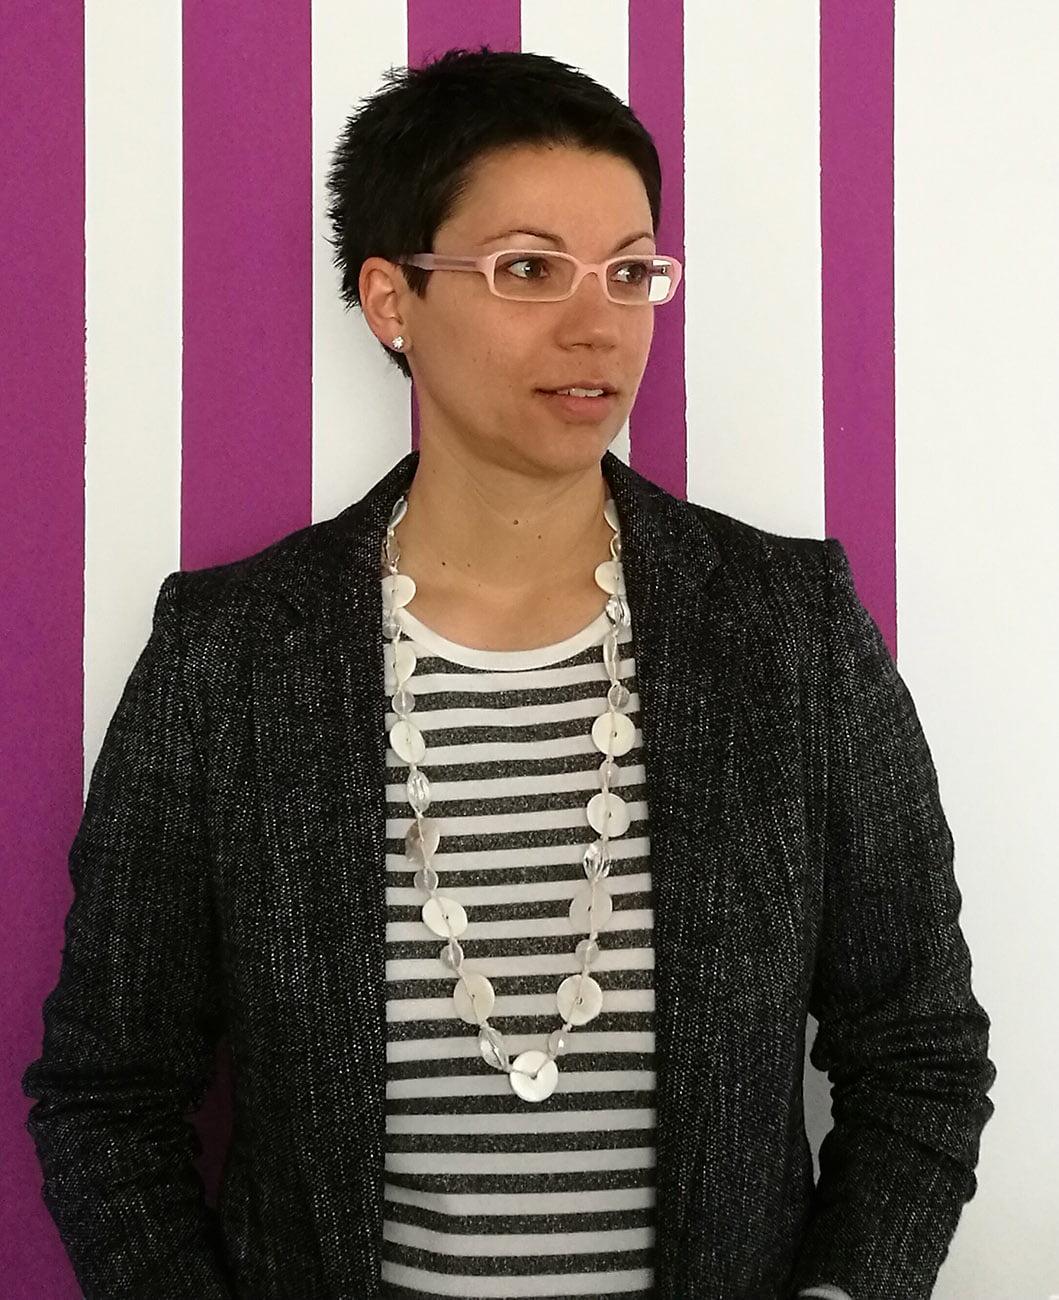 Ana Petelin Grubišić